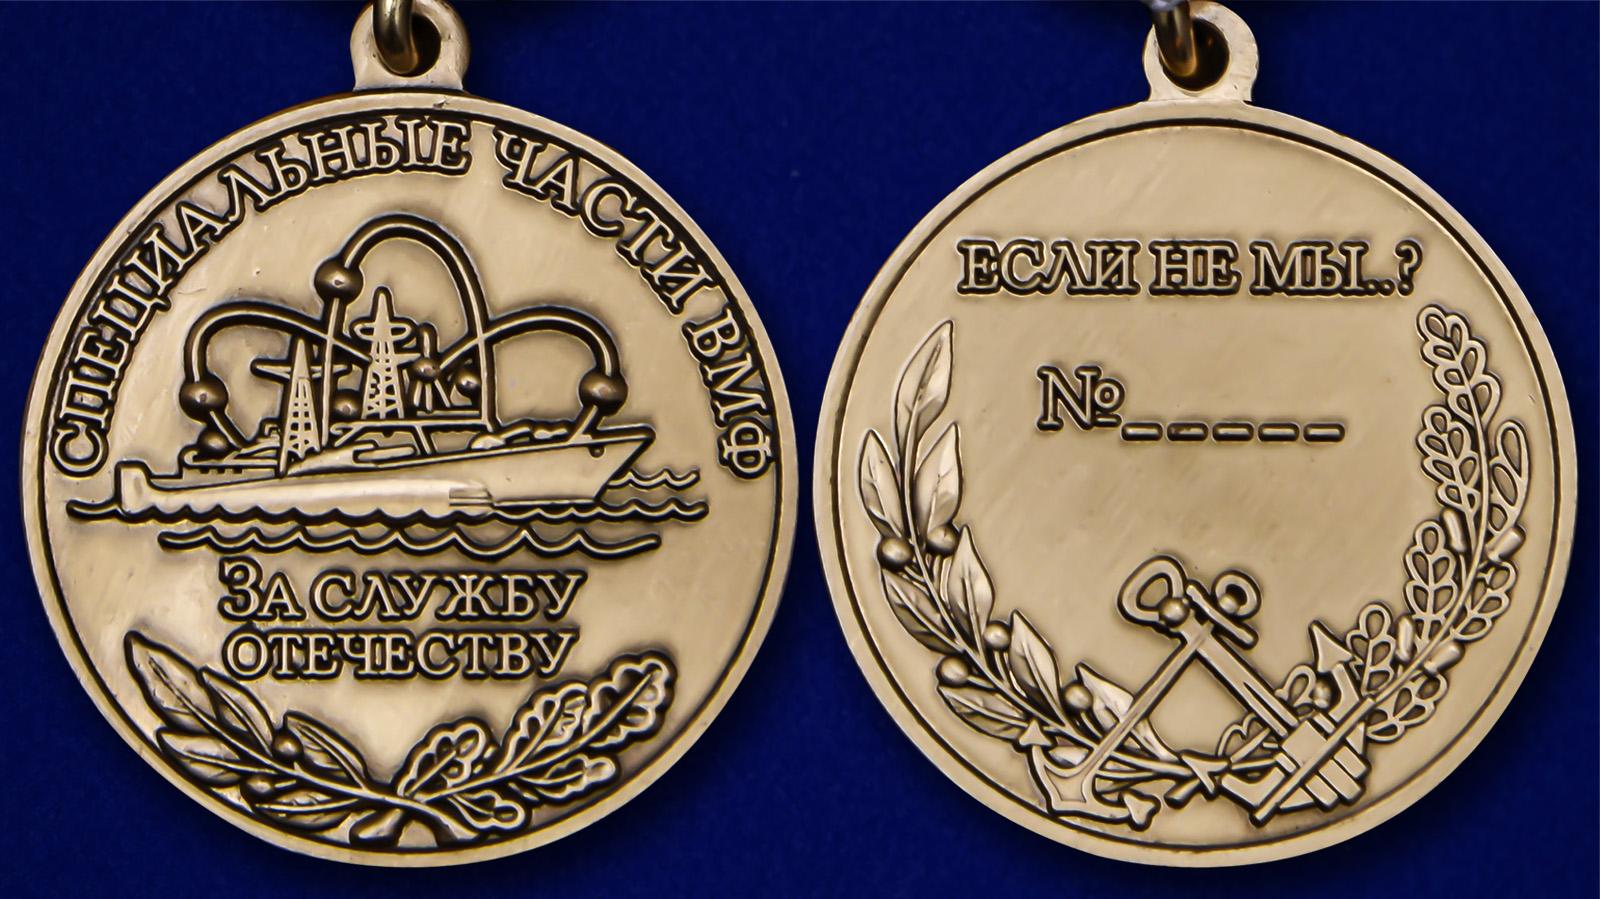 """Медаль """"За службу Отечеству"""" Специальные части ВМФ - аверс и реверс"""